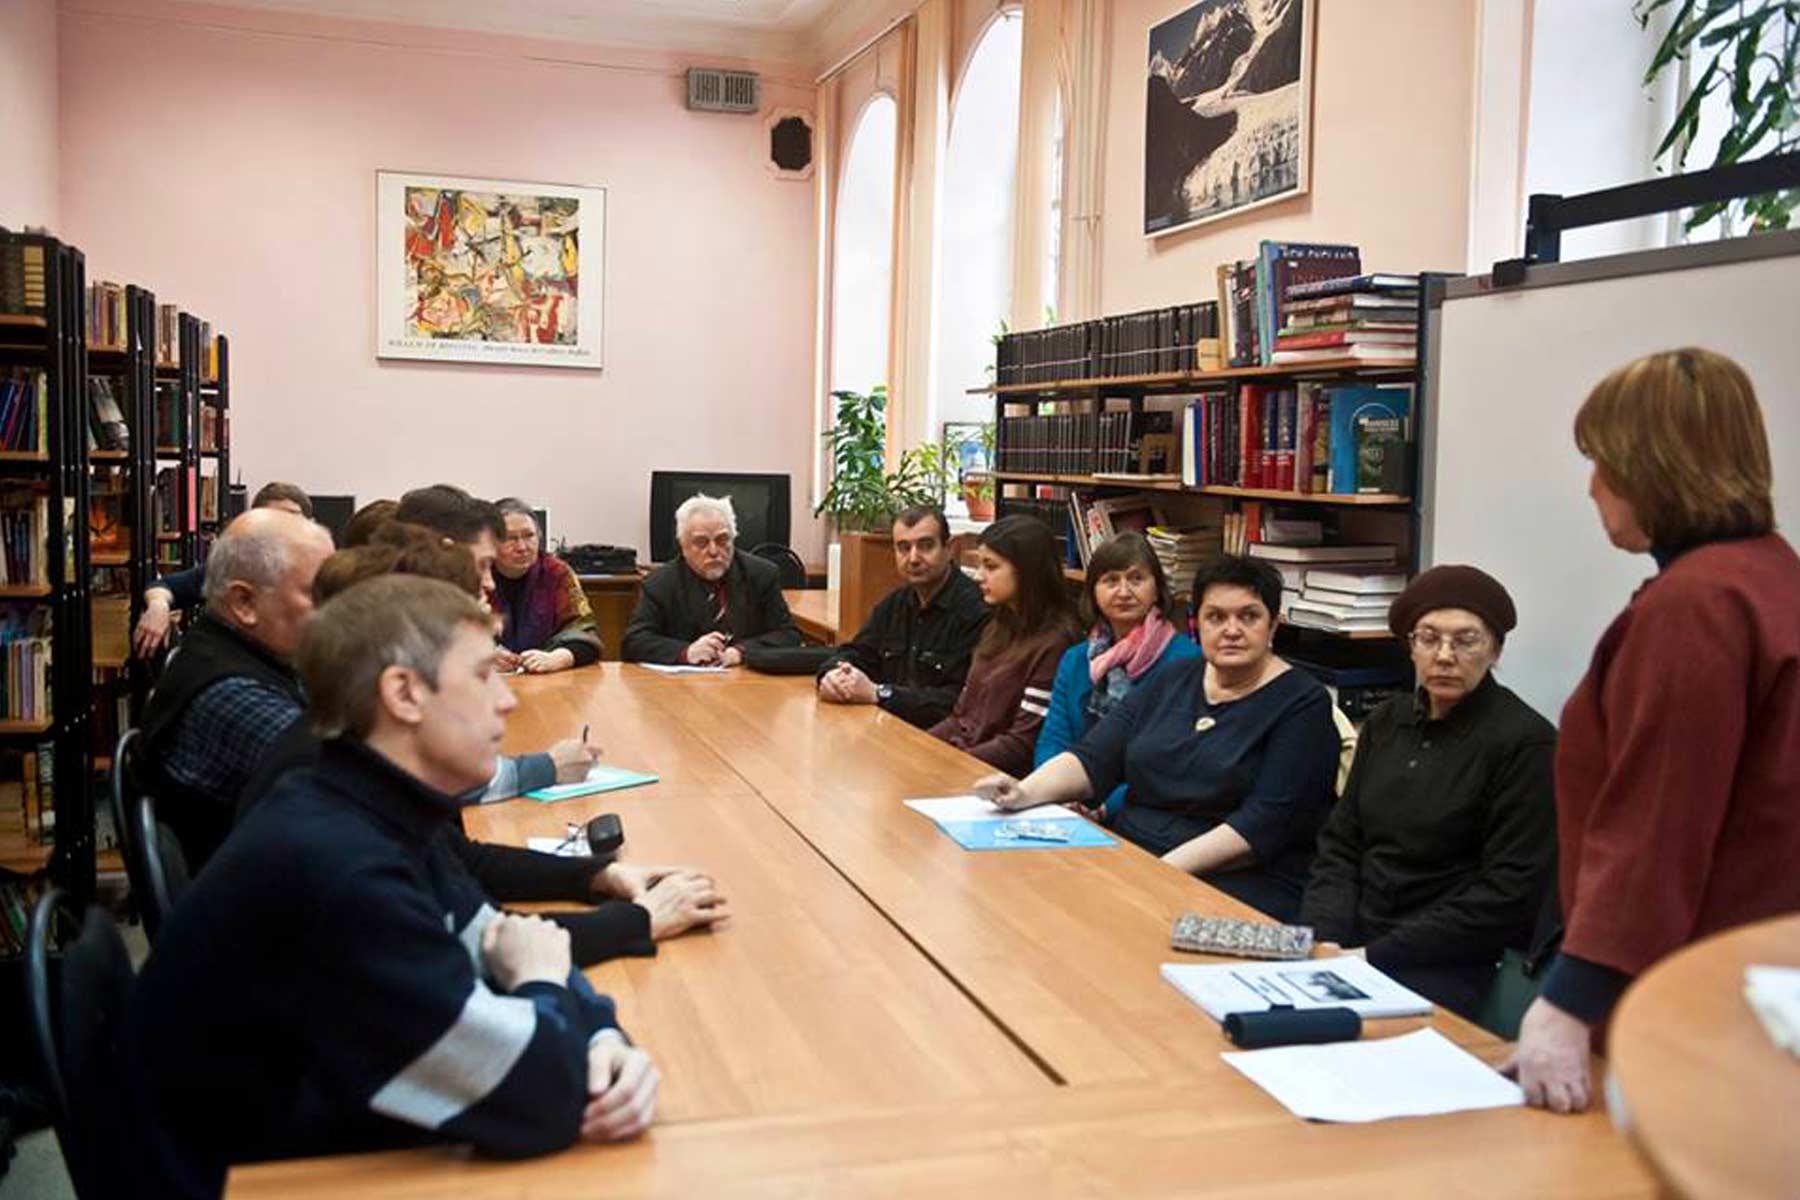 10 февраля 2018 года Брянское региональное отделение ВООПИиК представило новый пешеходный маршрут по Брянску